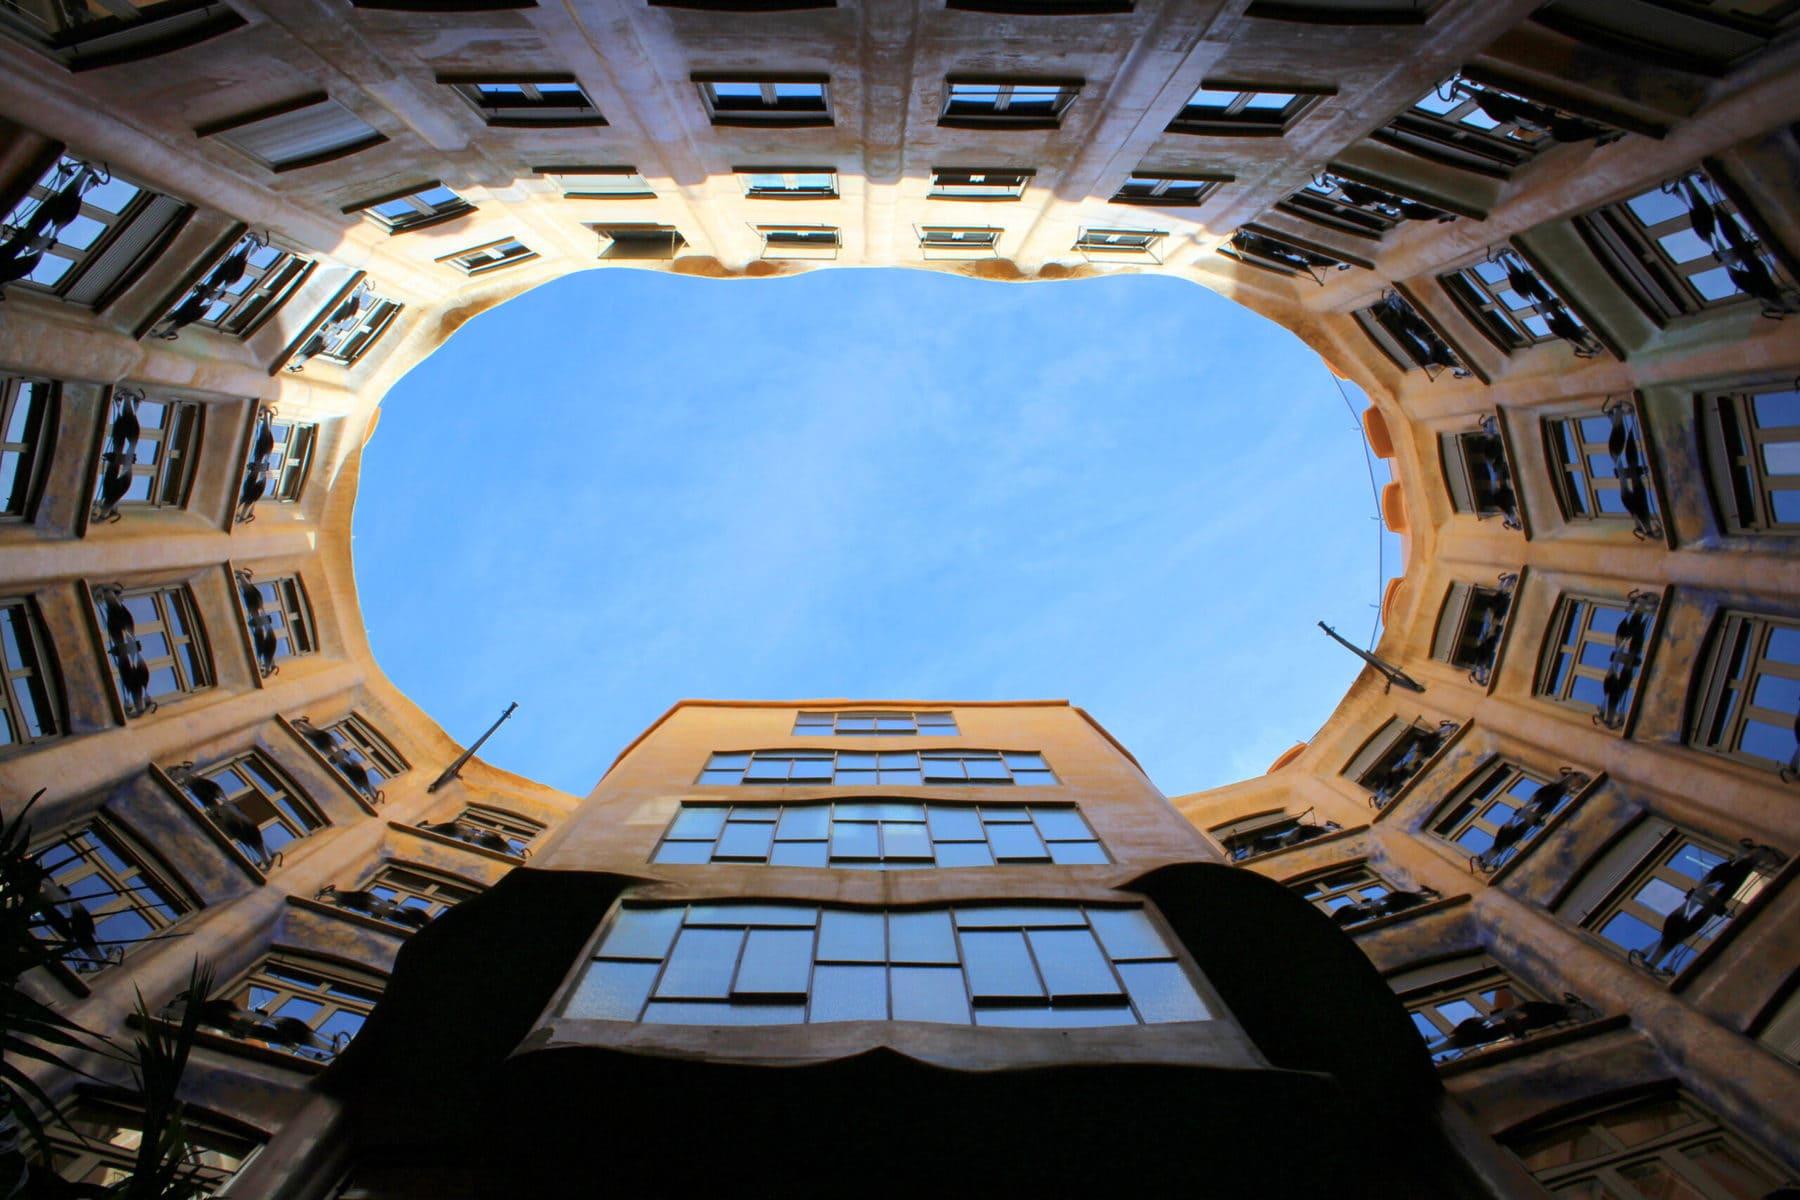 """Innenhof der Casa Mila, die auch """"La Pedrera"""" (der Steinbruch) genannt wird, in Barcelona"""